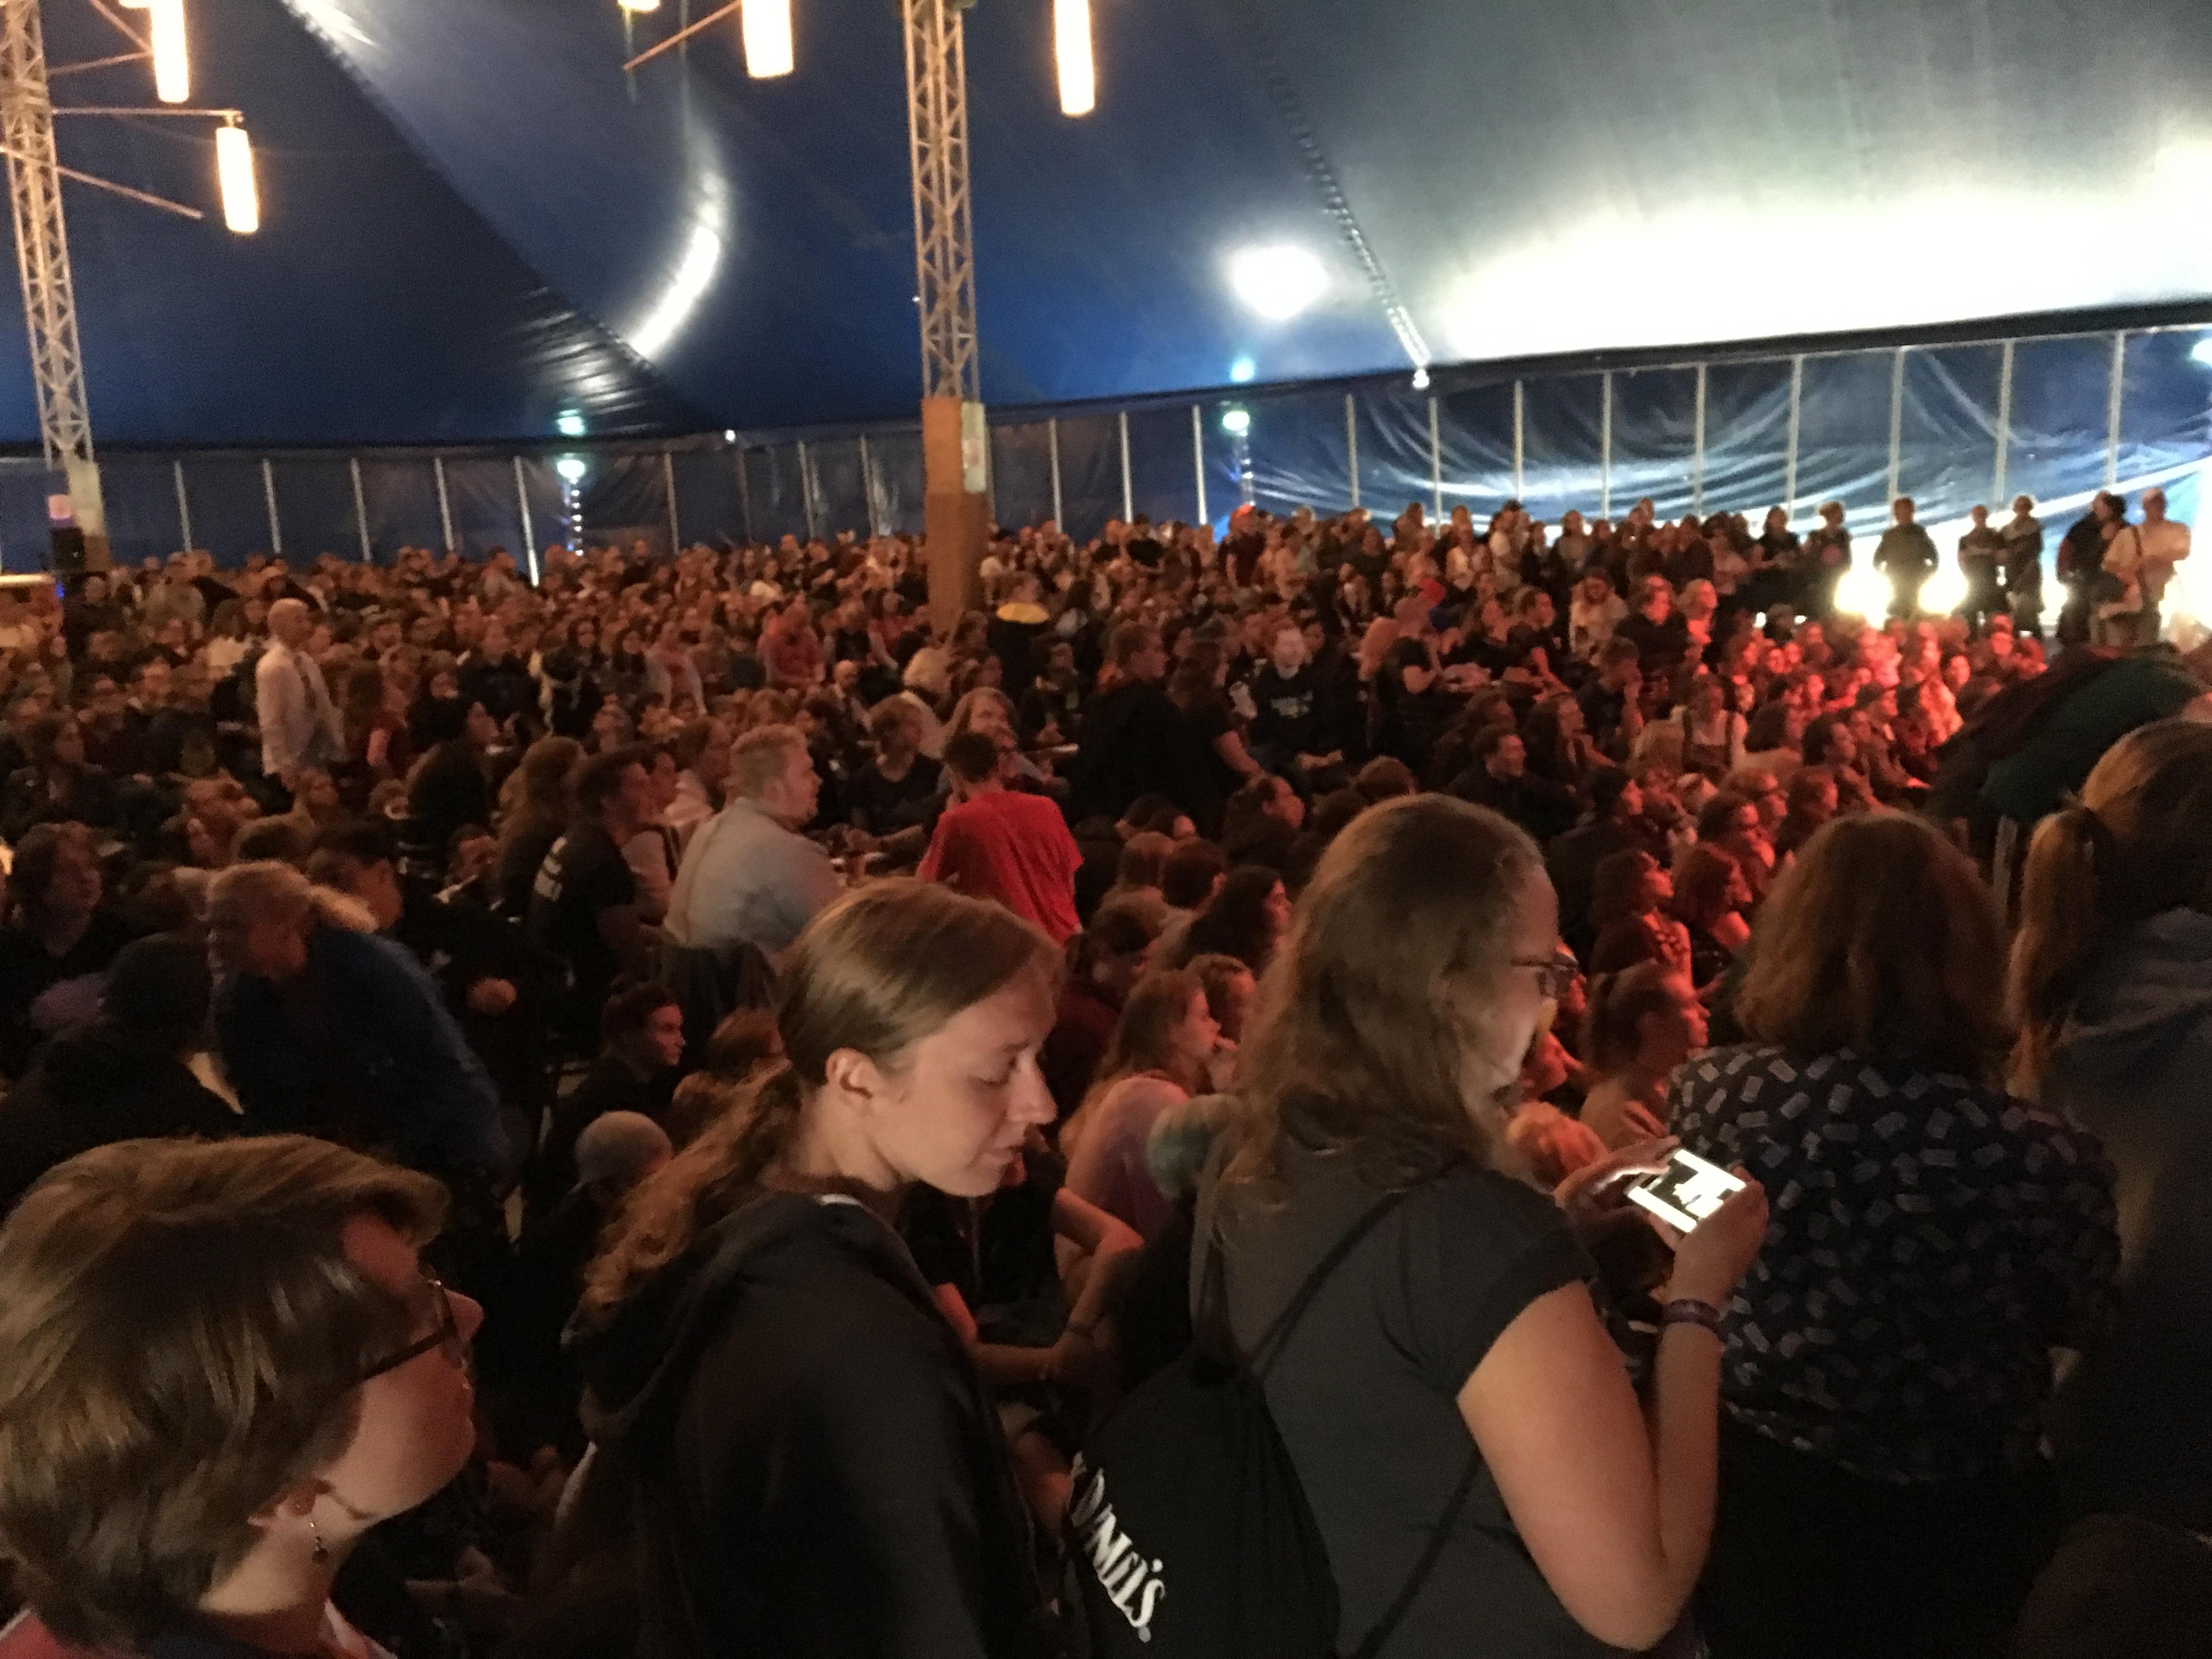 Beim Filmquiz war das Zelt voll. (Bild: Verena Sieling)